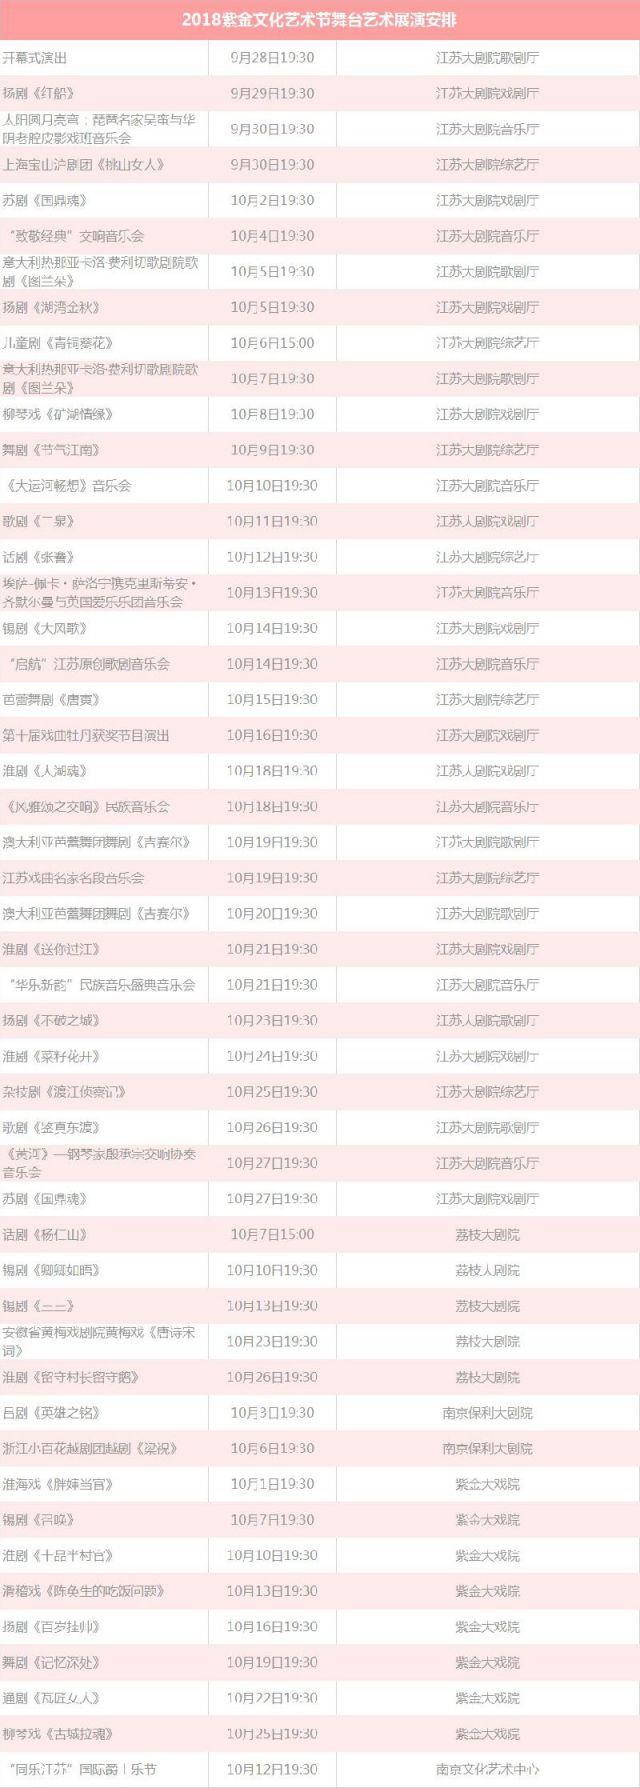 2018南京紫金艺术节舞台艺术展演安排一览表